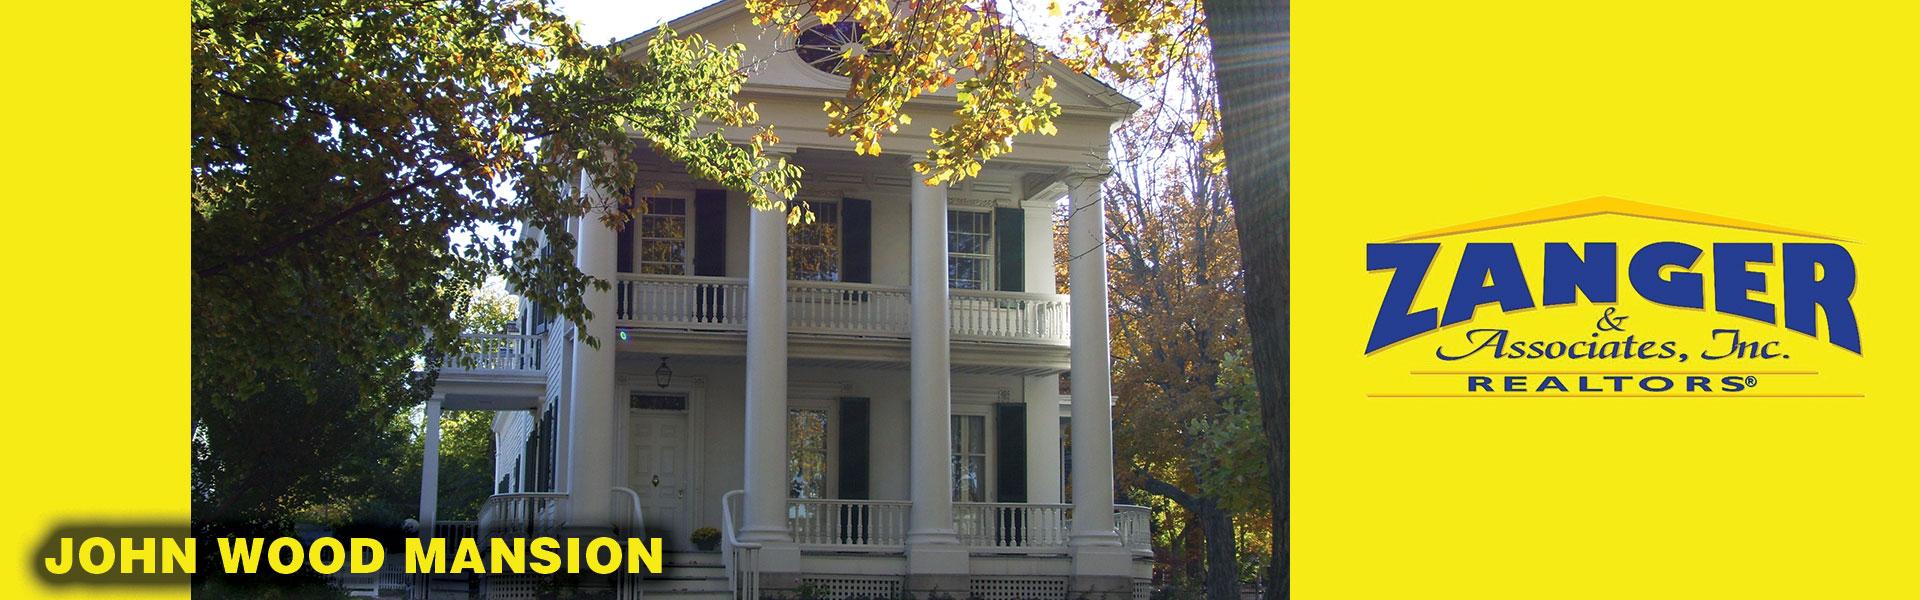 zanger-john-wood-mansion